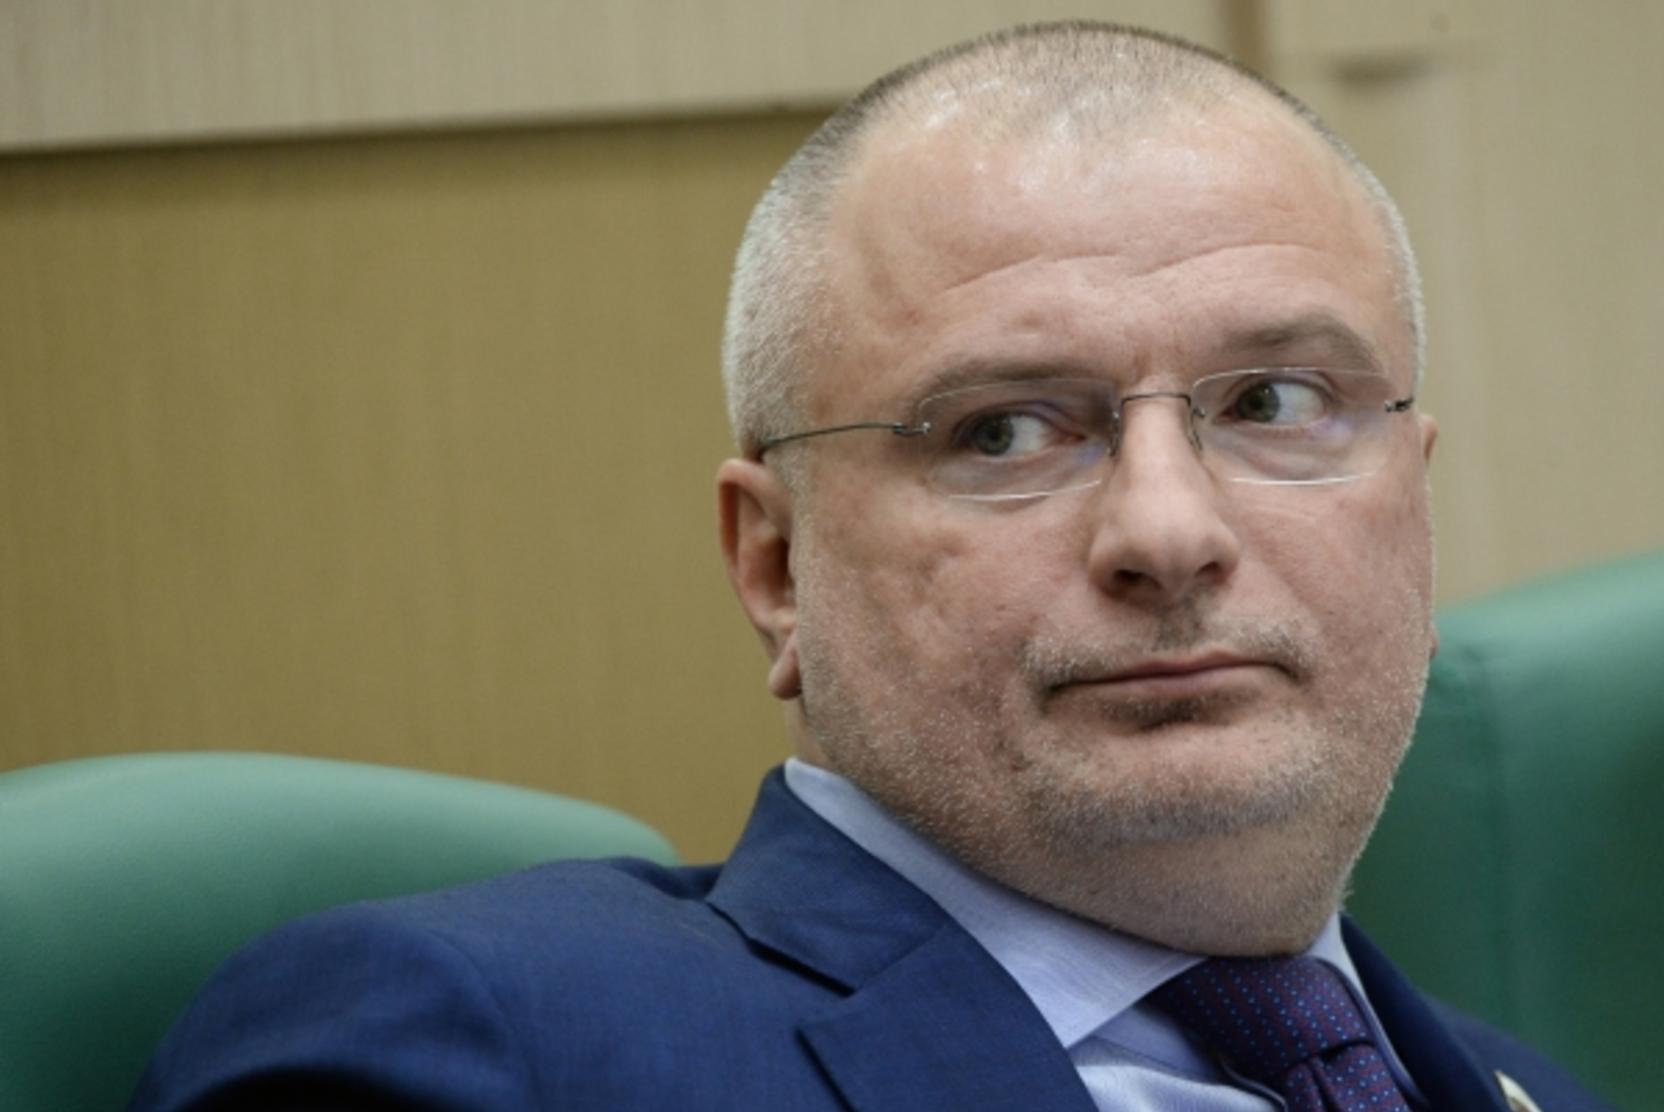 В КПРФ назвали сенатора Клишаса могильщиком выборной системы